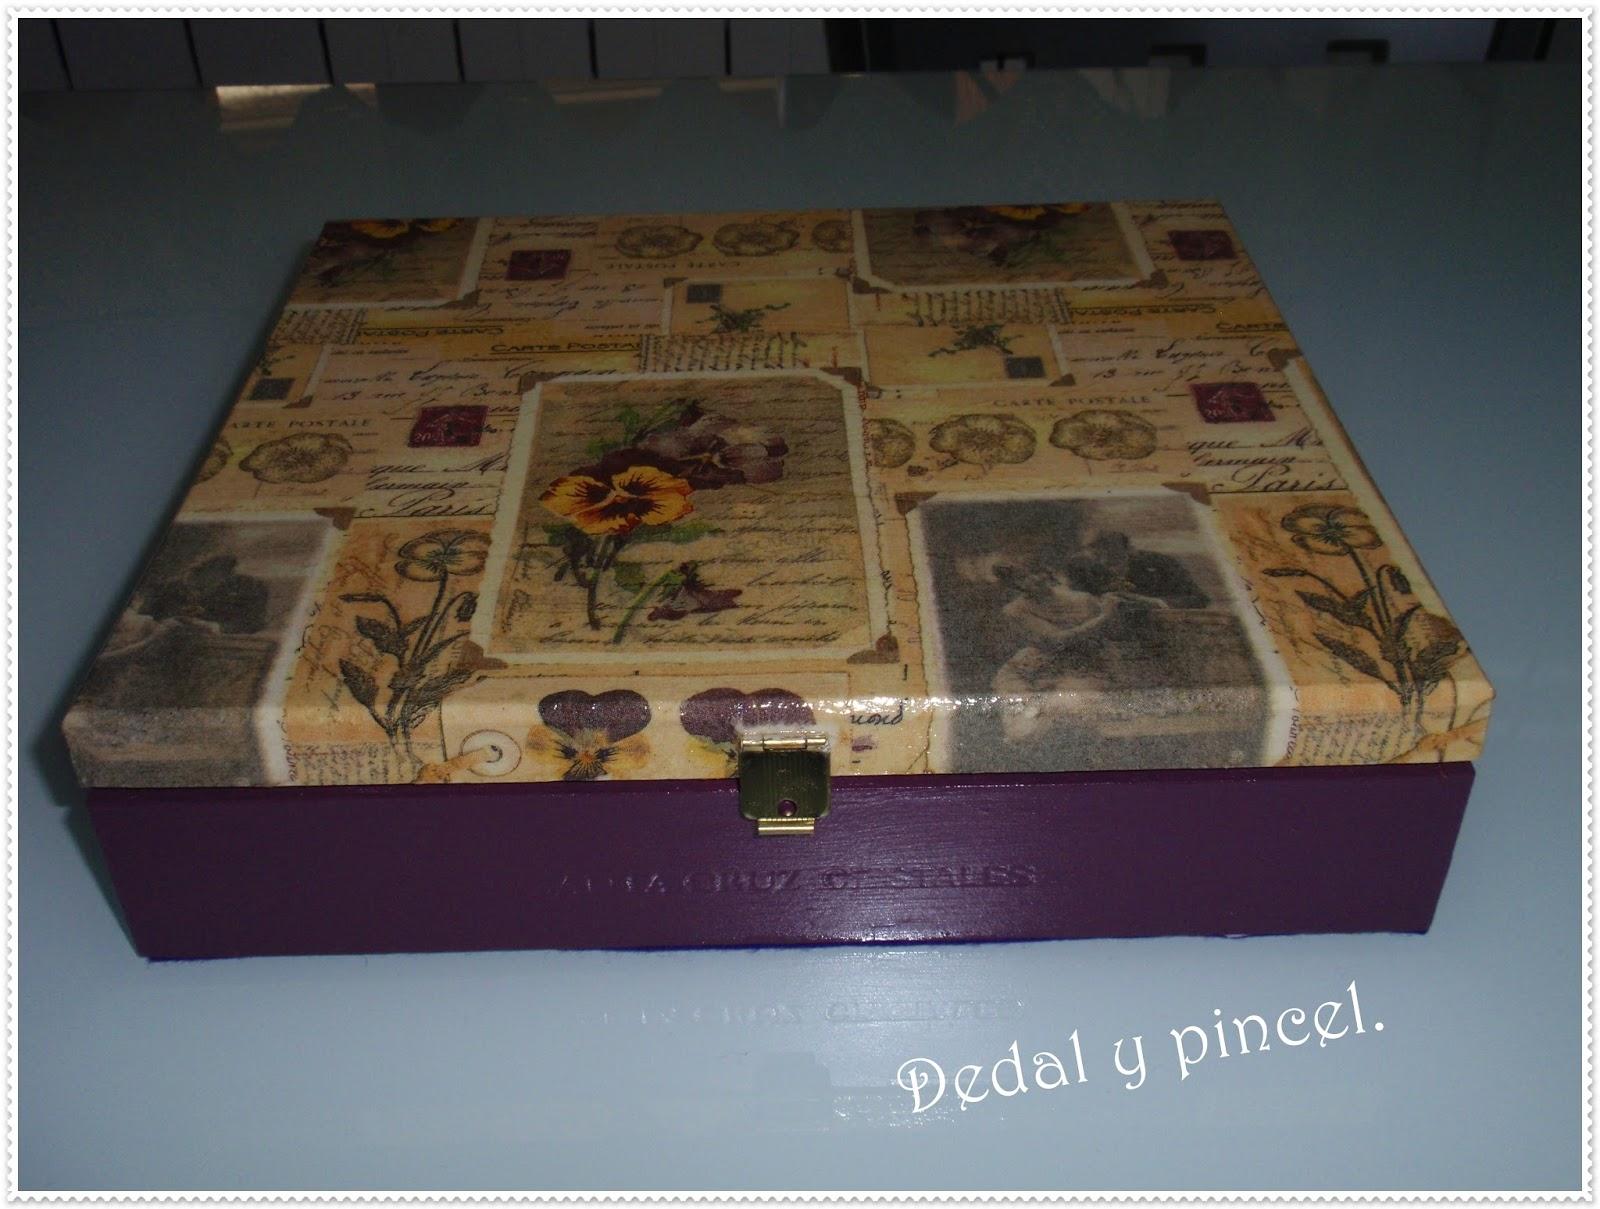 Con dedal y pincel cajas de puros y zapatos decoradas - Cajas de zapatos decoradas ...